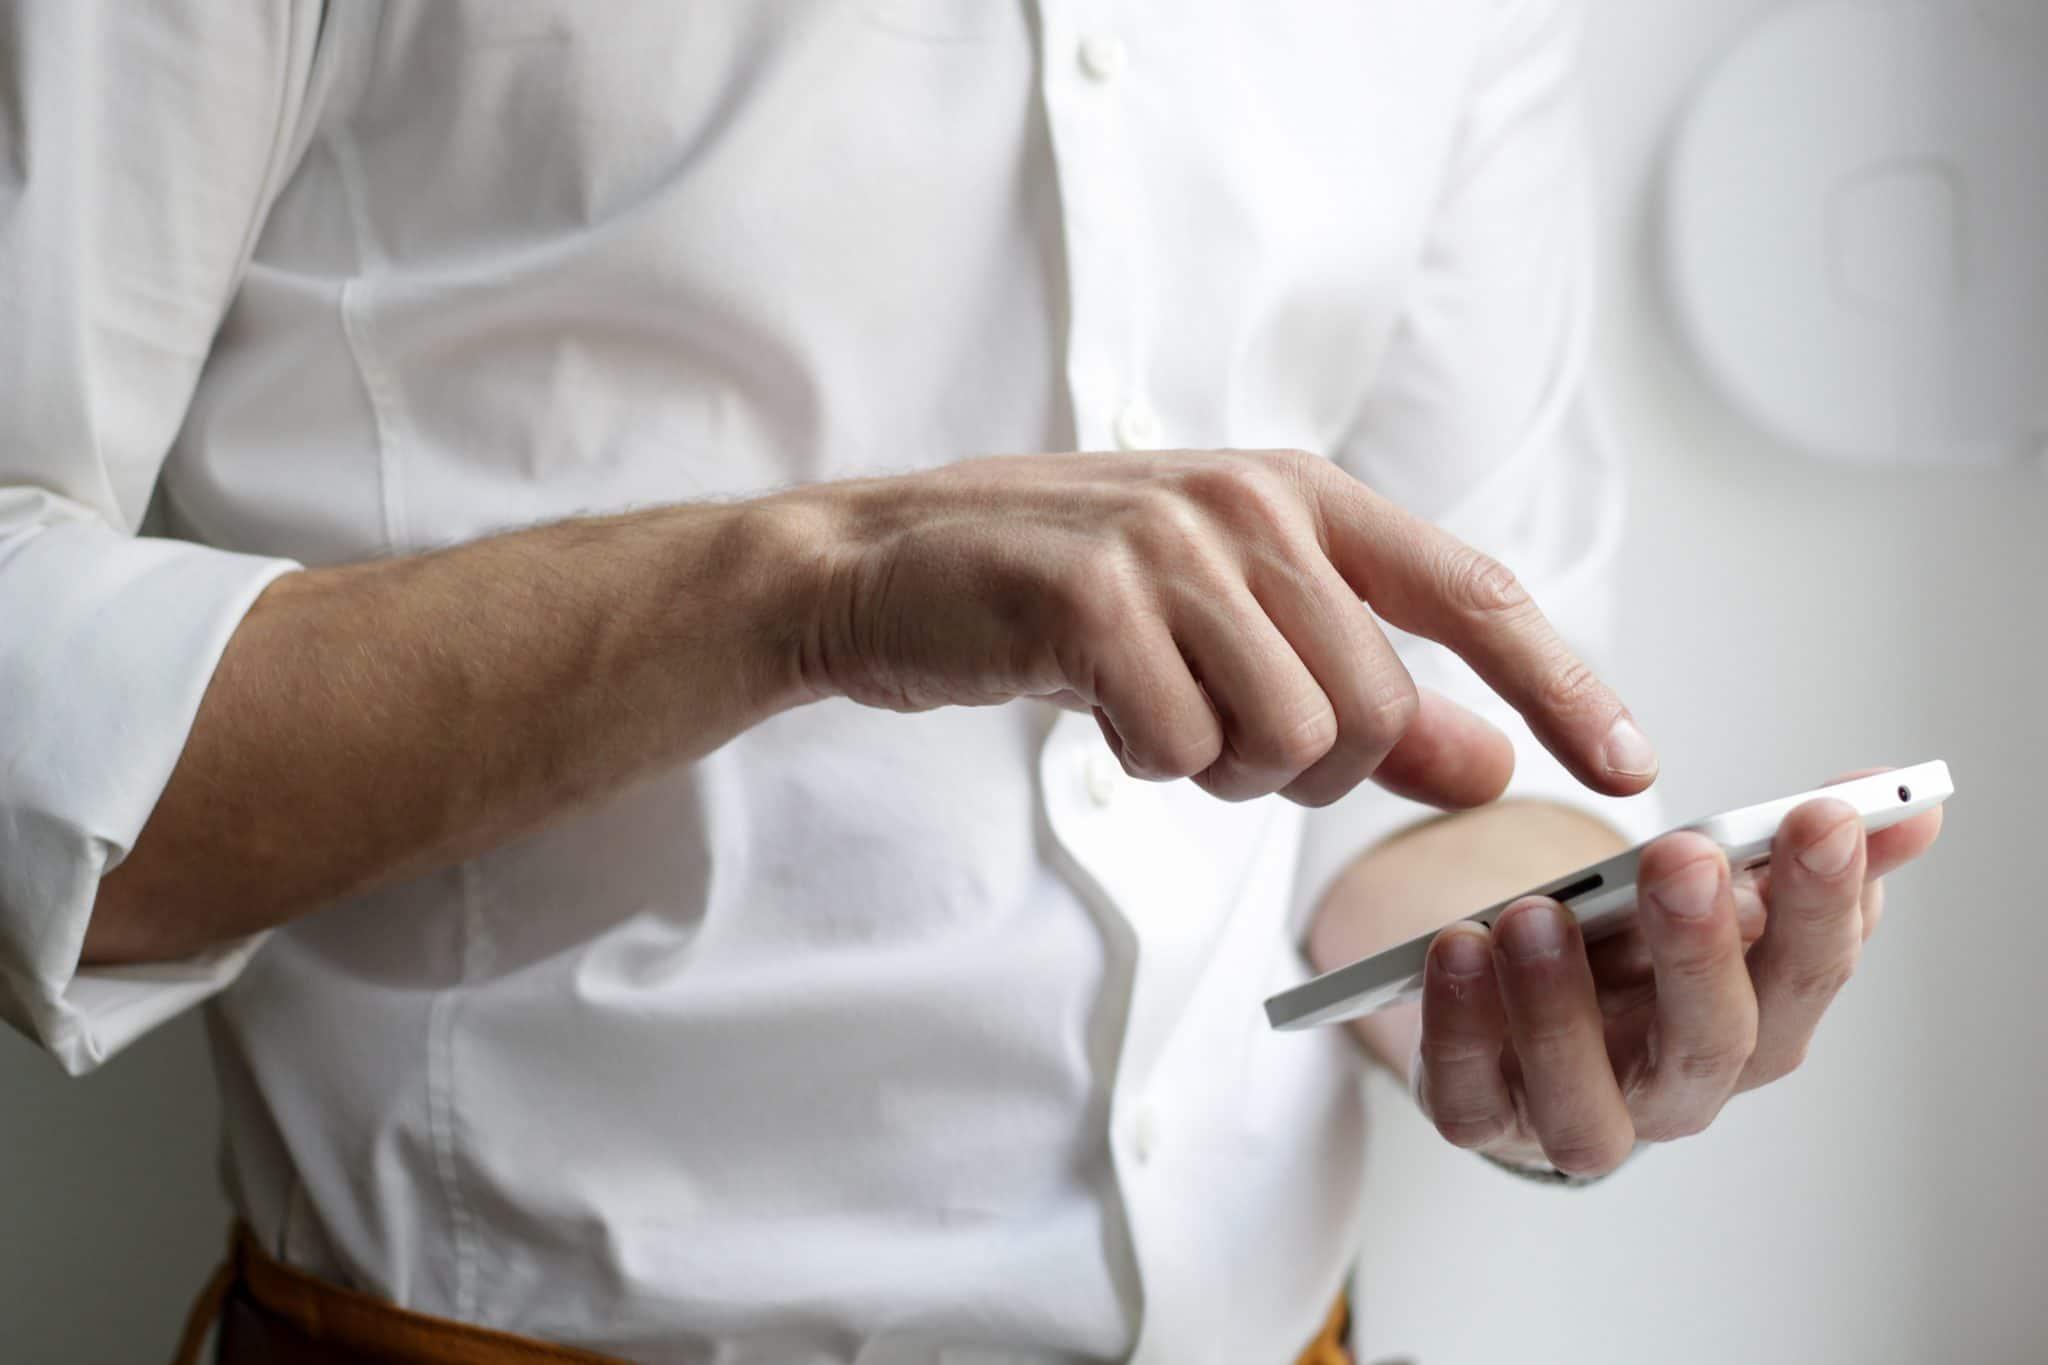 Consument vult een Net Promotor Score vragenlijst in